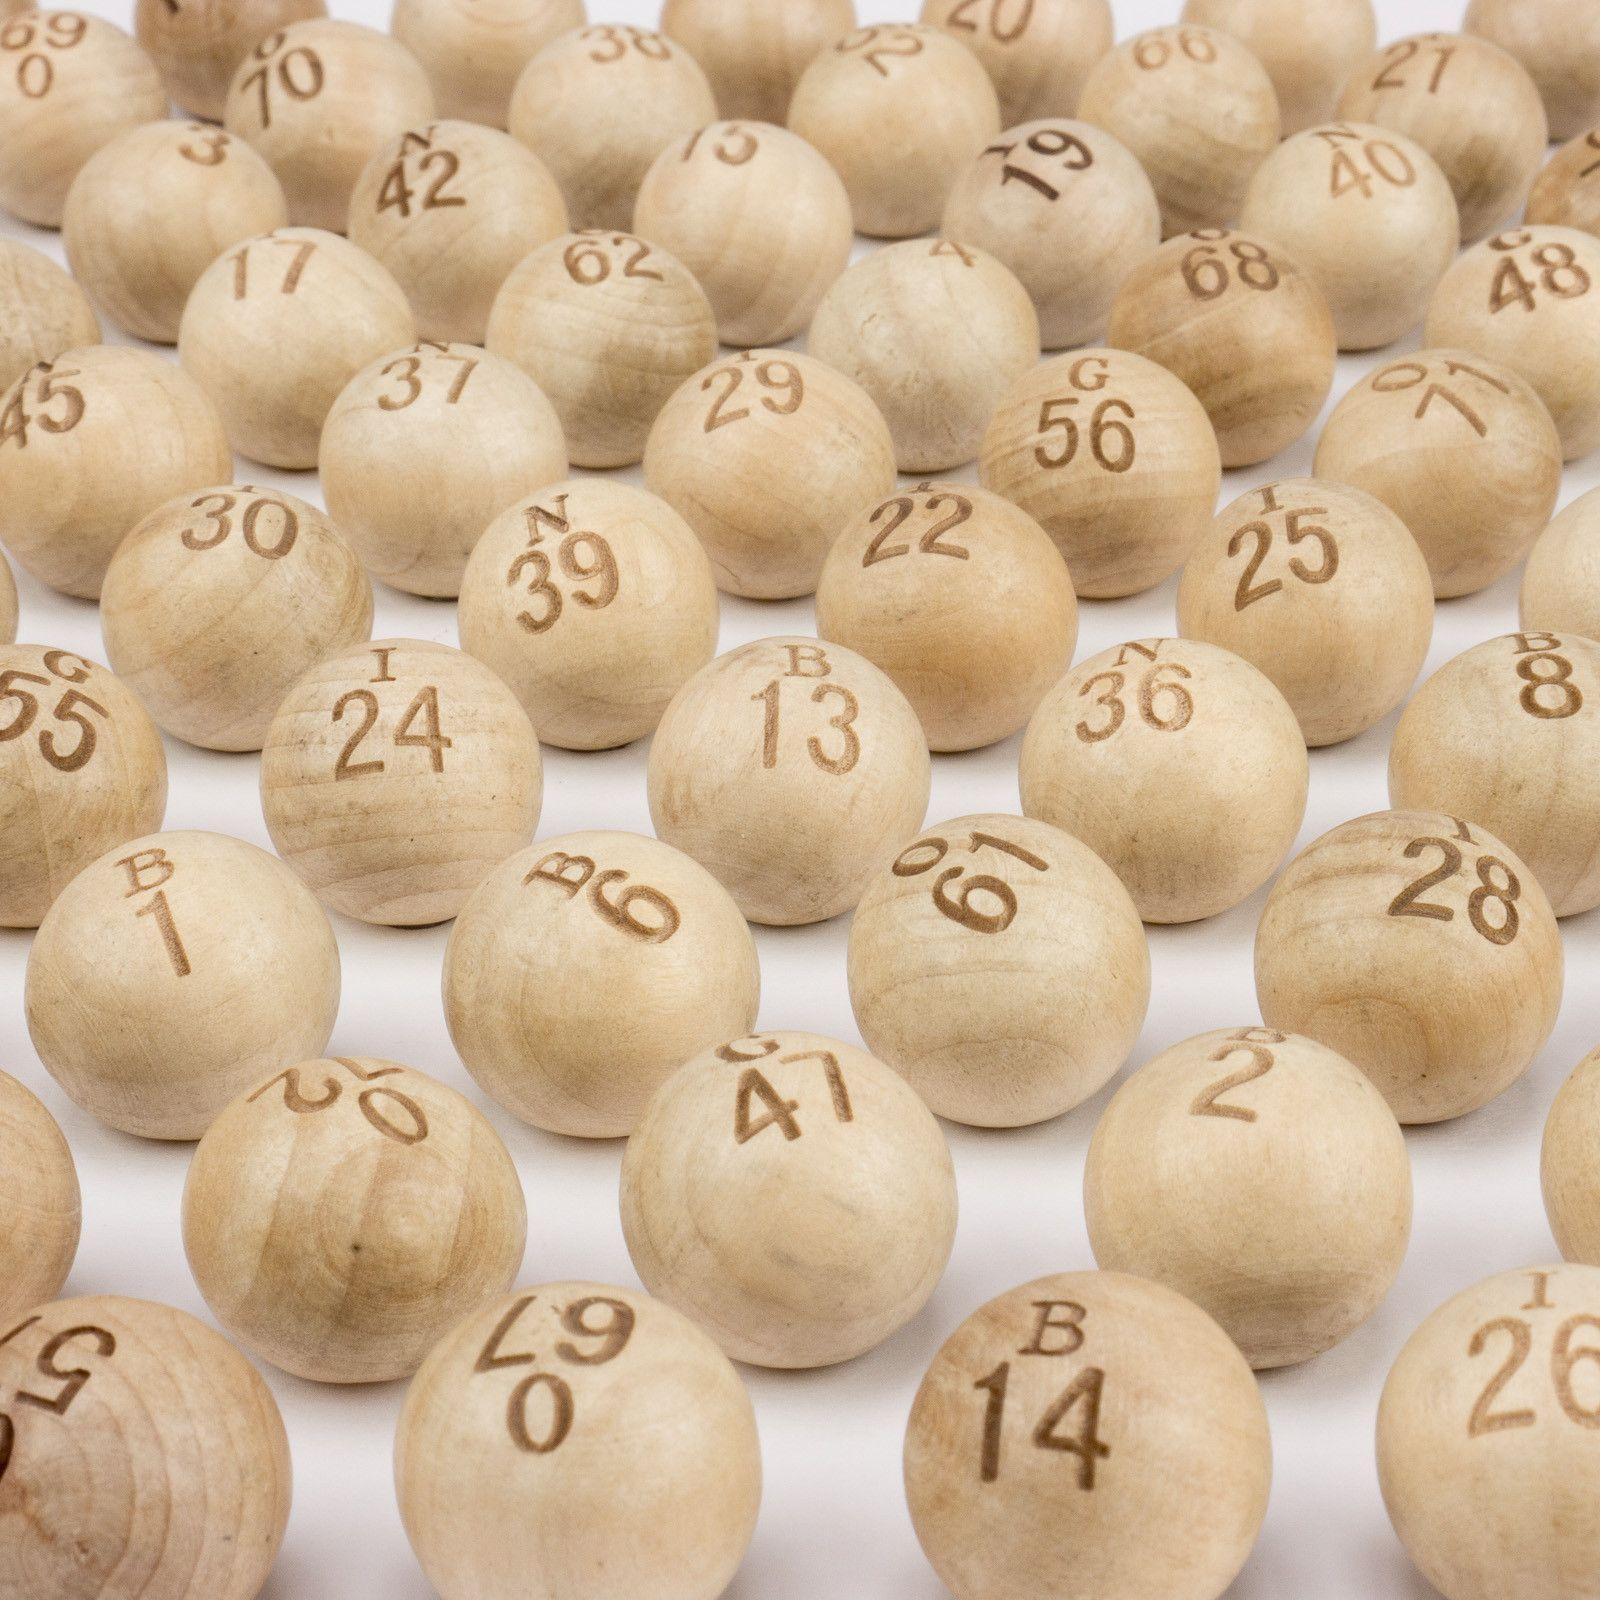 Wooden Bingo Balls Set Of 75 7 8 Inch Wooden Ball Bingo